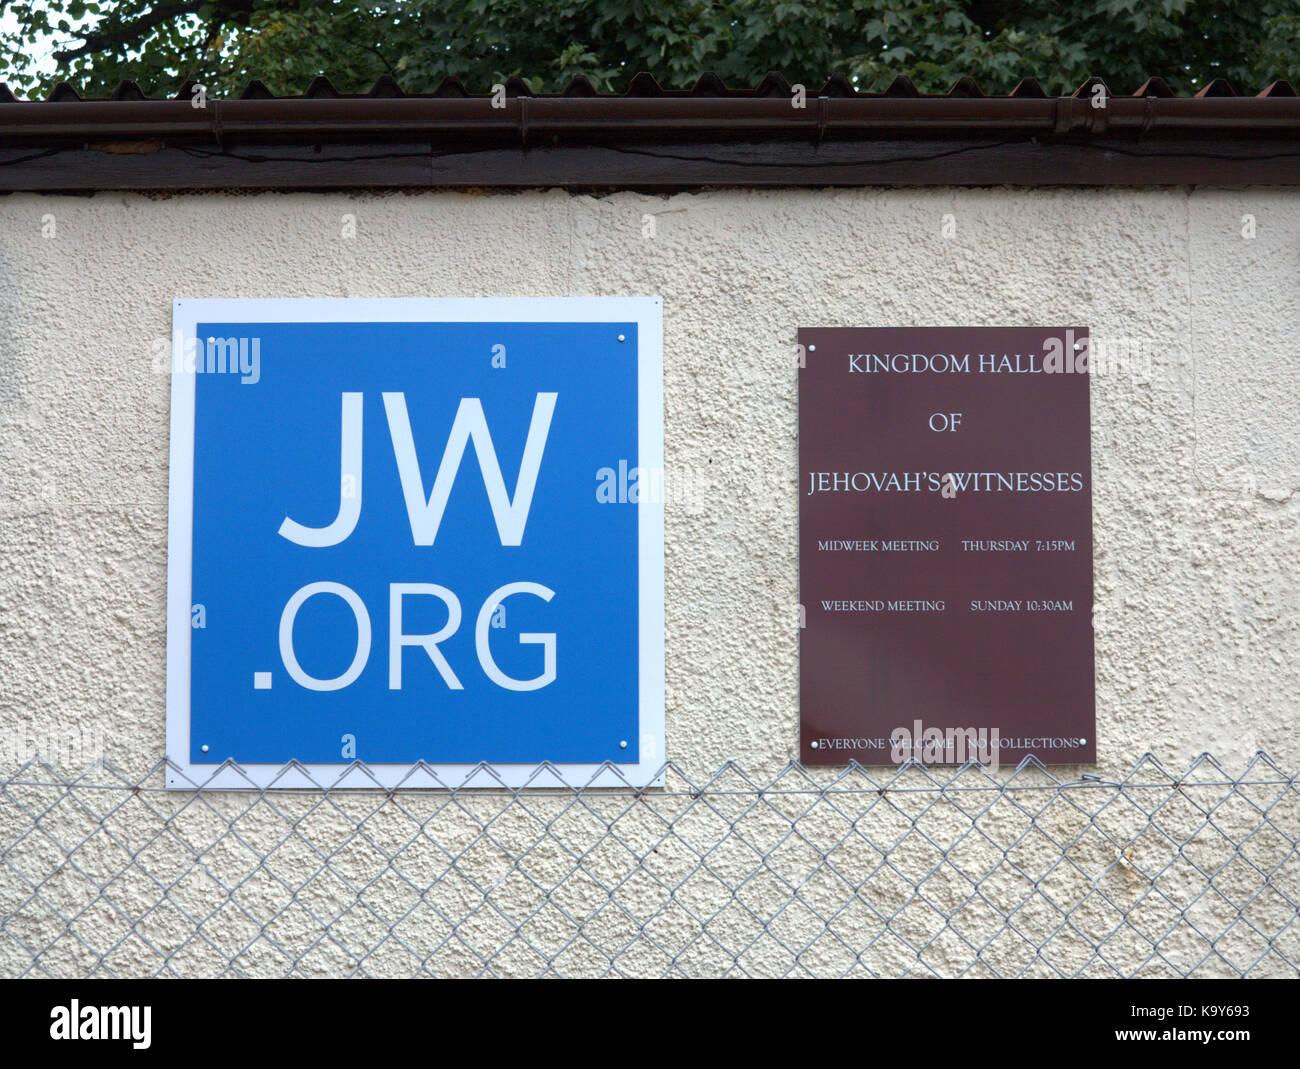 Jw Org Sign Jehovah S Witnesses Kingdom Hall Knightswood Stock Photo Alamy Наш офіційний сайт уможливлює онлайновий доступ до біблії, біблійних публікацій та останніх новин. https www alamy com stock image jworg sign jehovahs witnesses kingdom hall knightswood 161022879 html